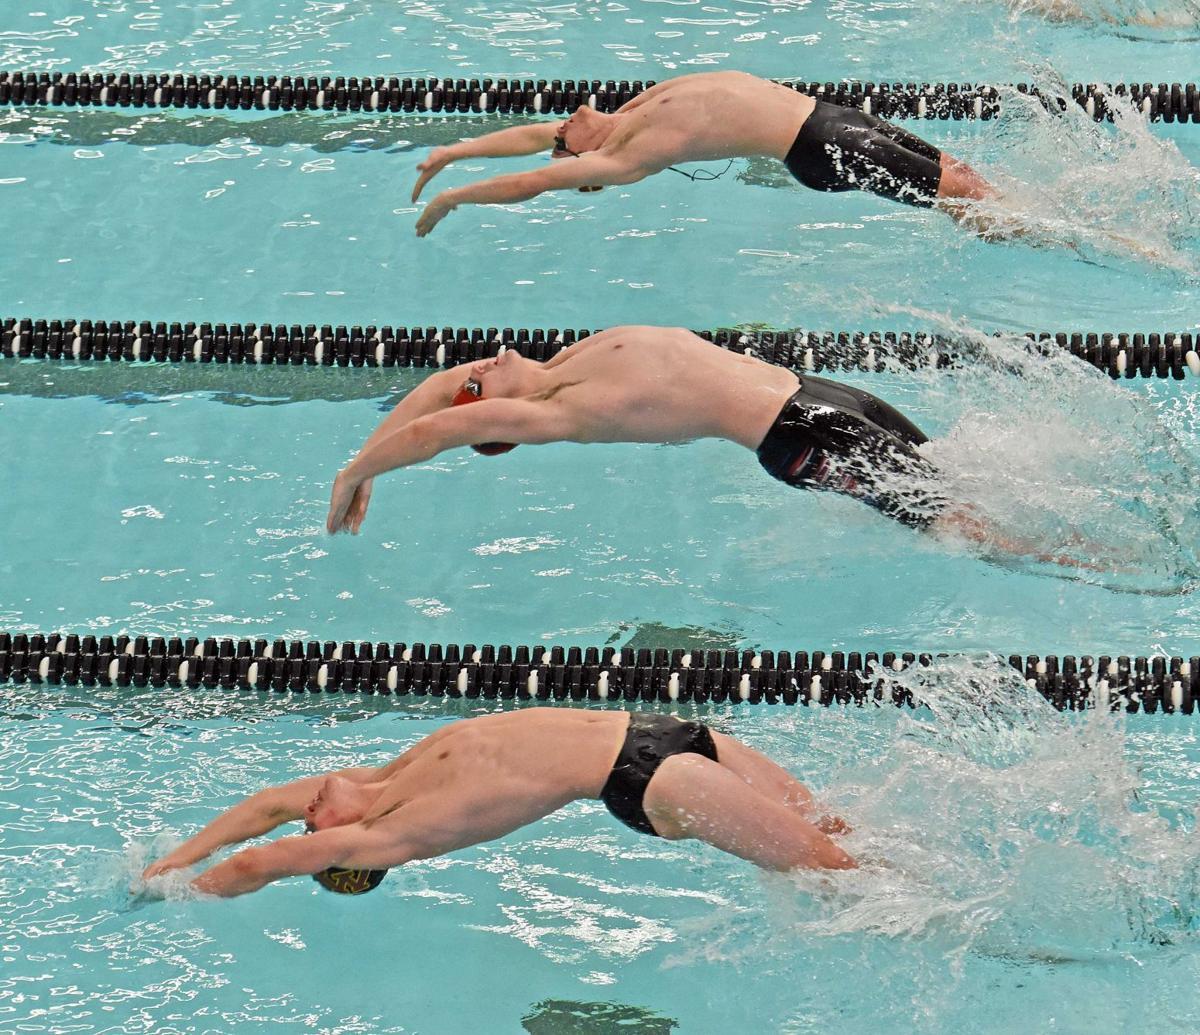 021118-spt-swim3.jpg